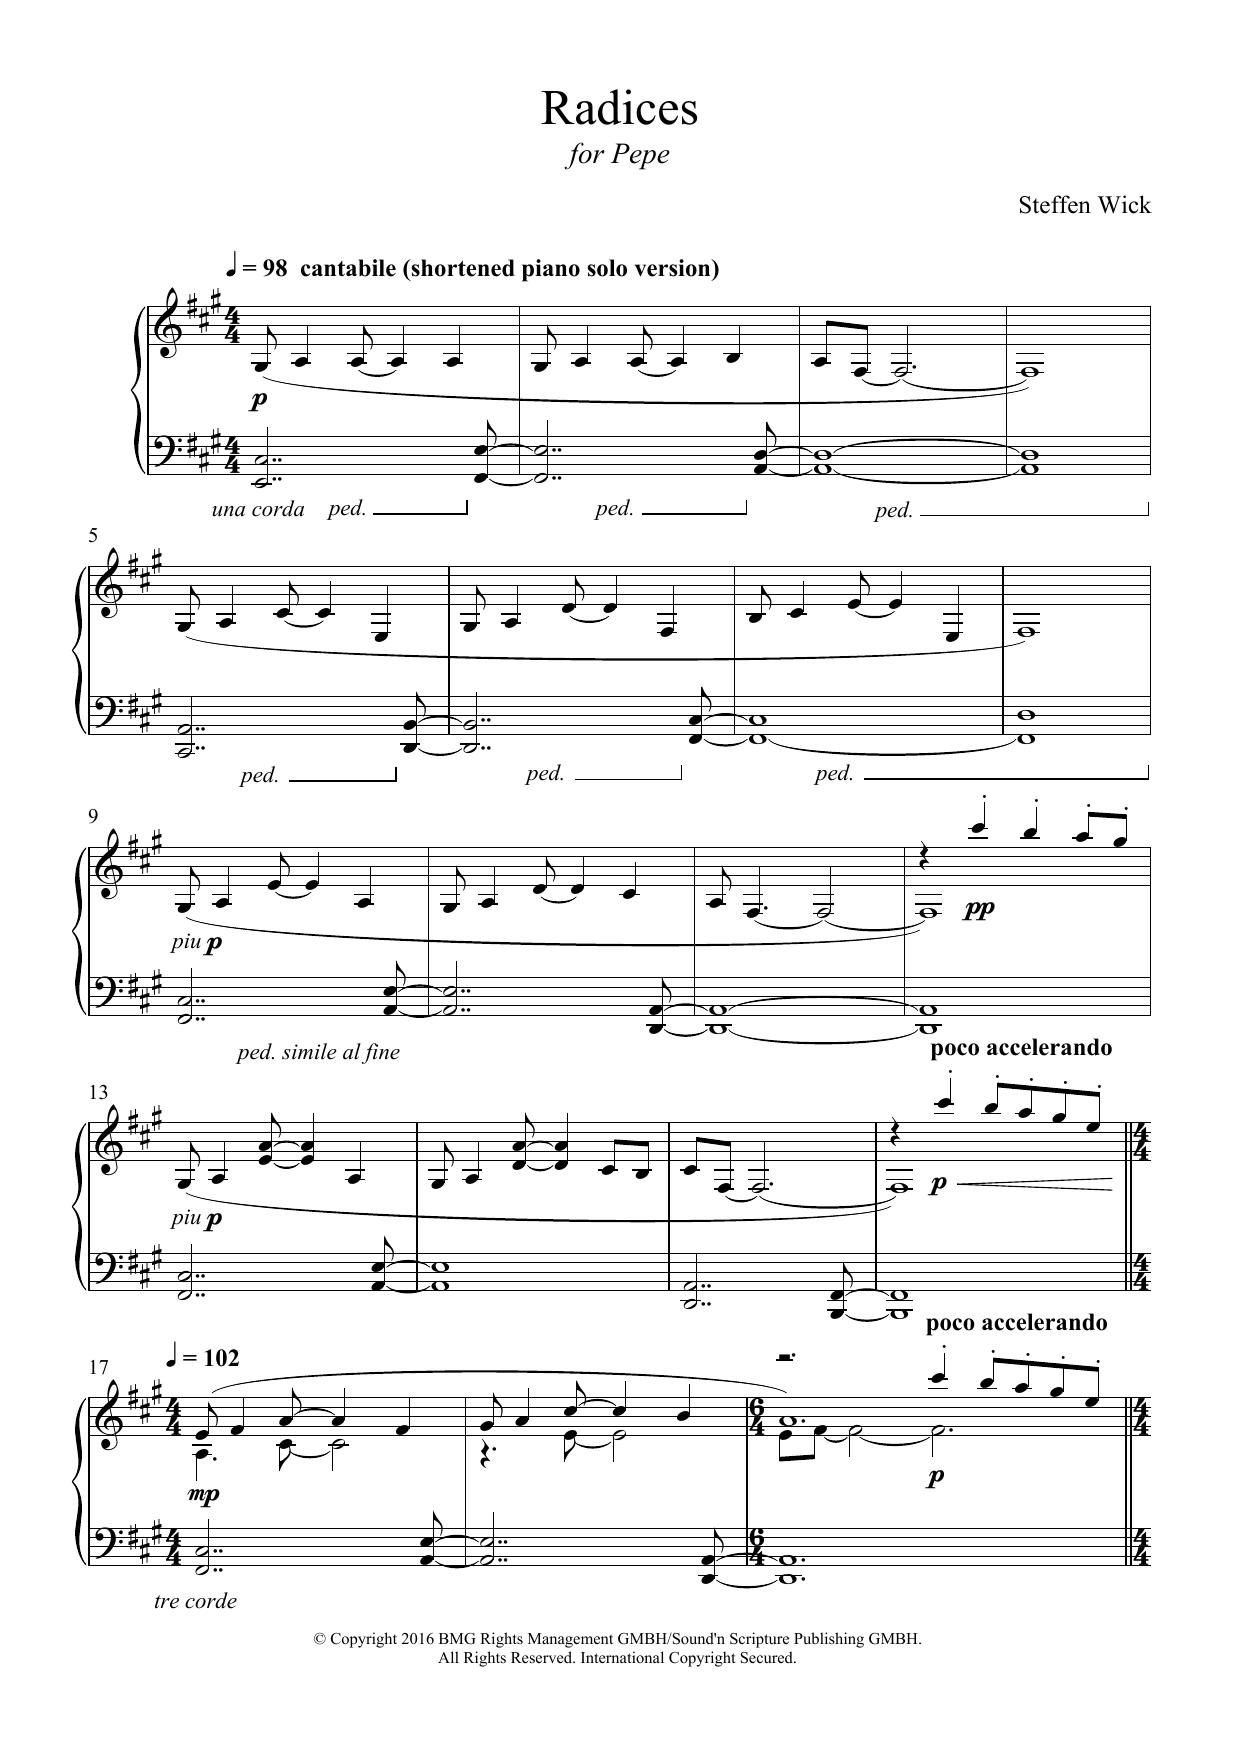 Radices Sheet Music